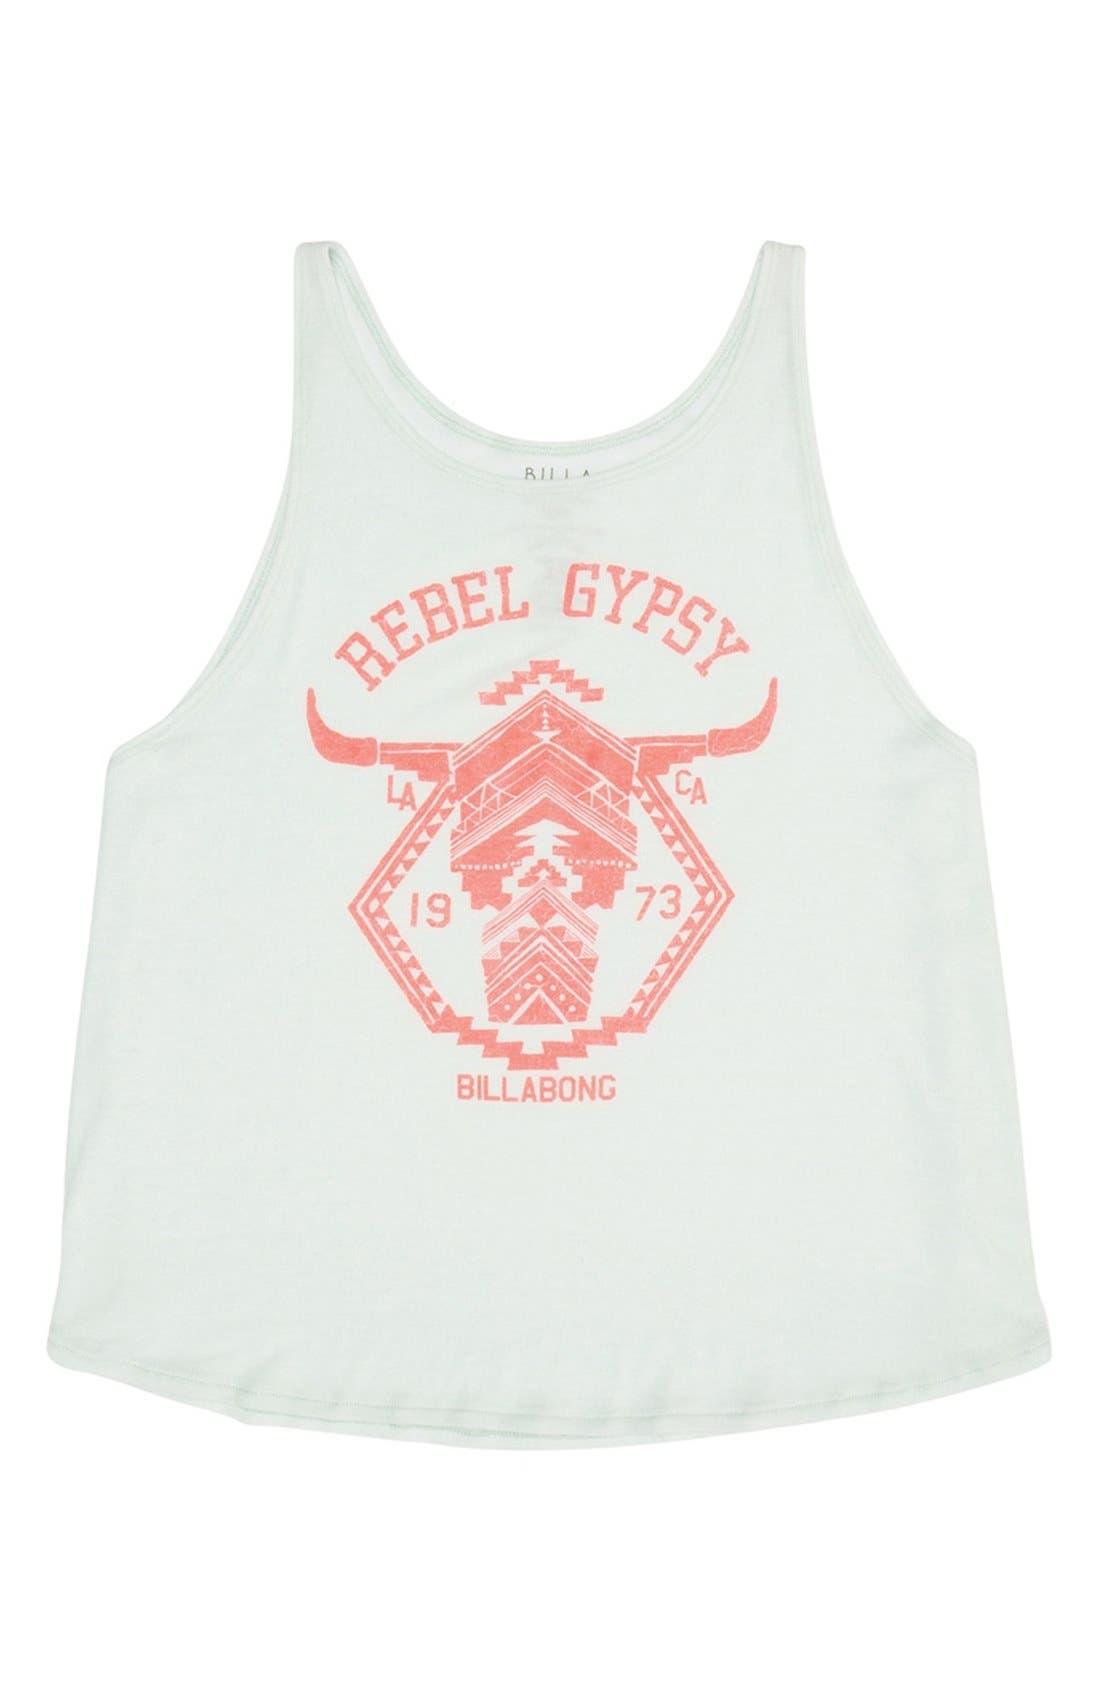 Main Image - Billabong 'Rebel Gypsy' Graphic Swing Tank